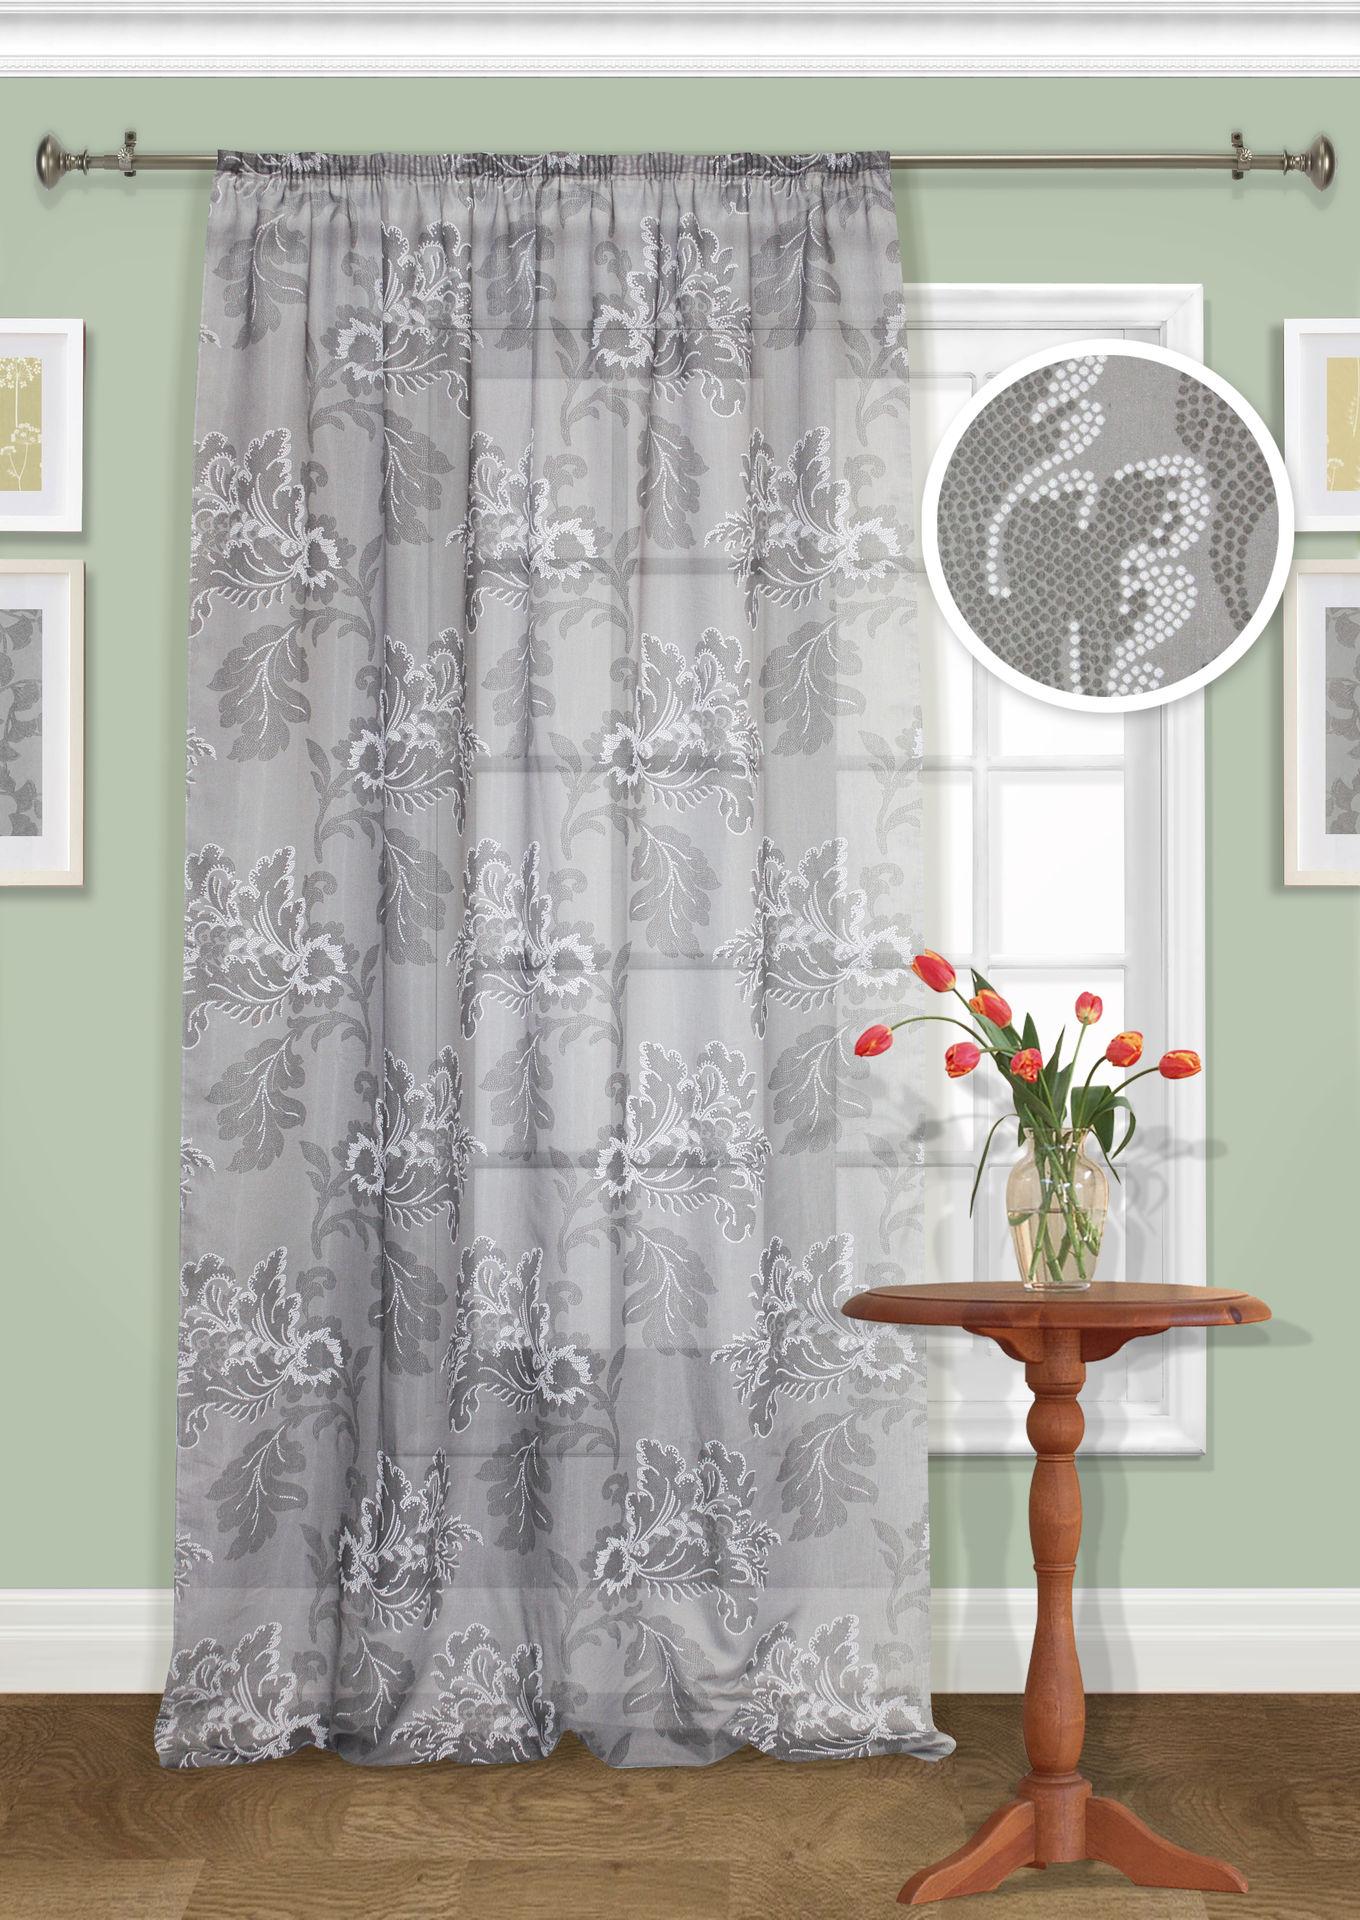 Шторы Kauffort Классические шторы Plumage - XL Цвет: Серый, Черный шторы kauffort классические шторы cresh xl цвет шампань